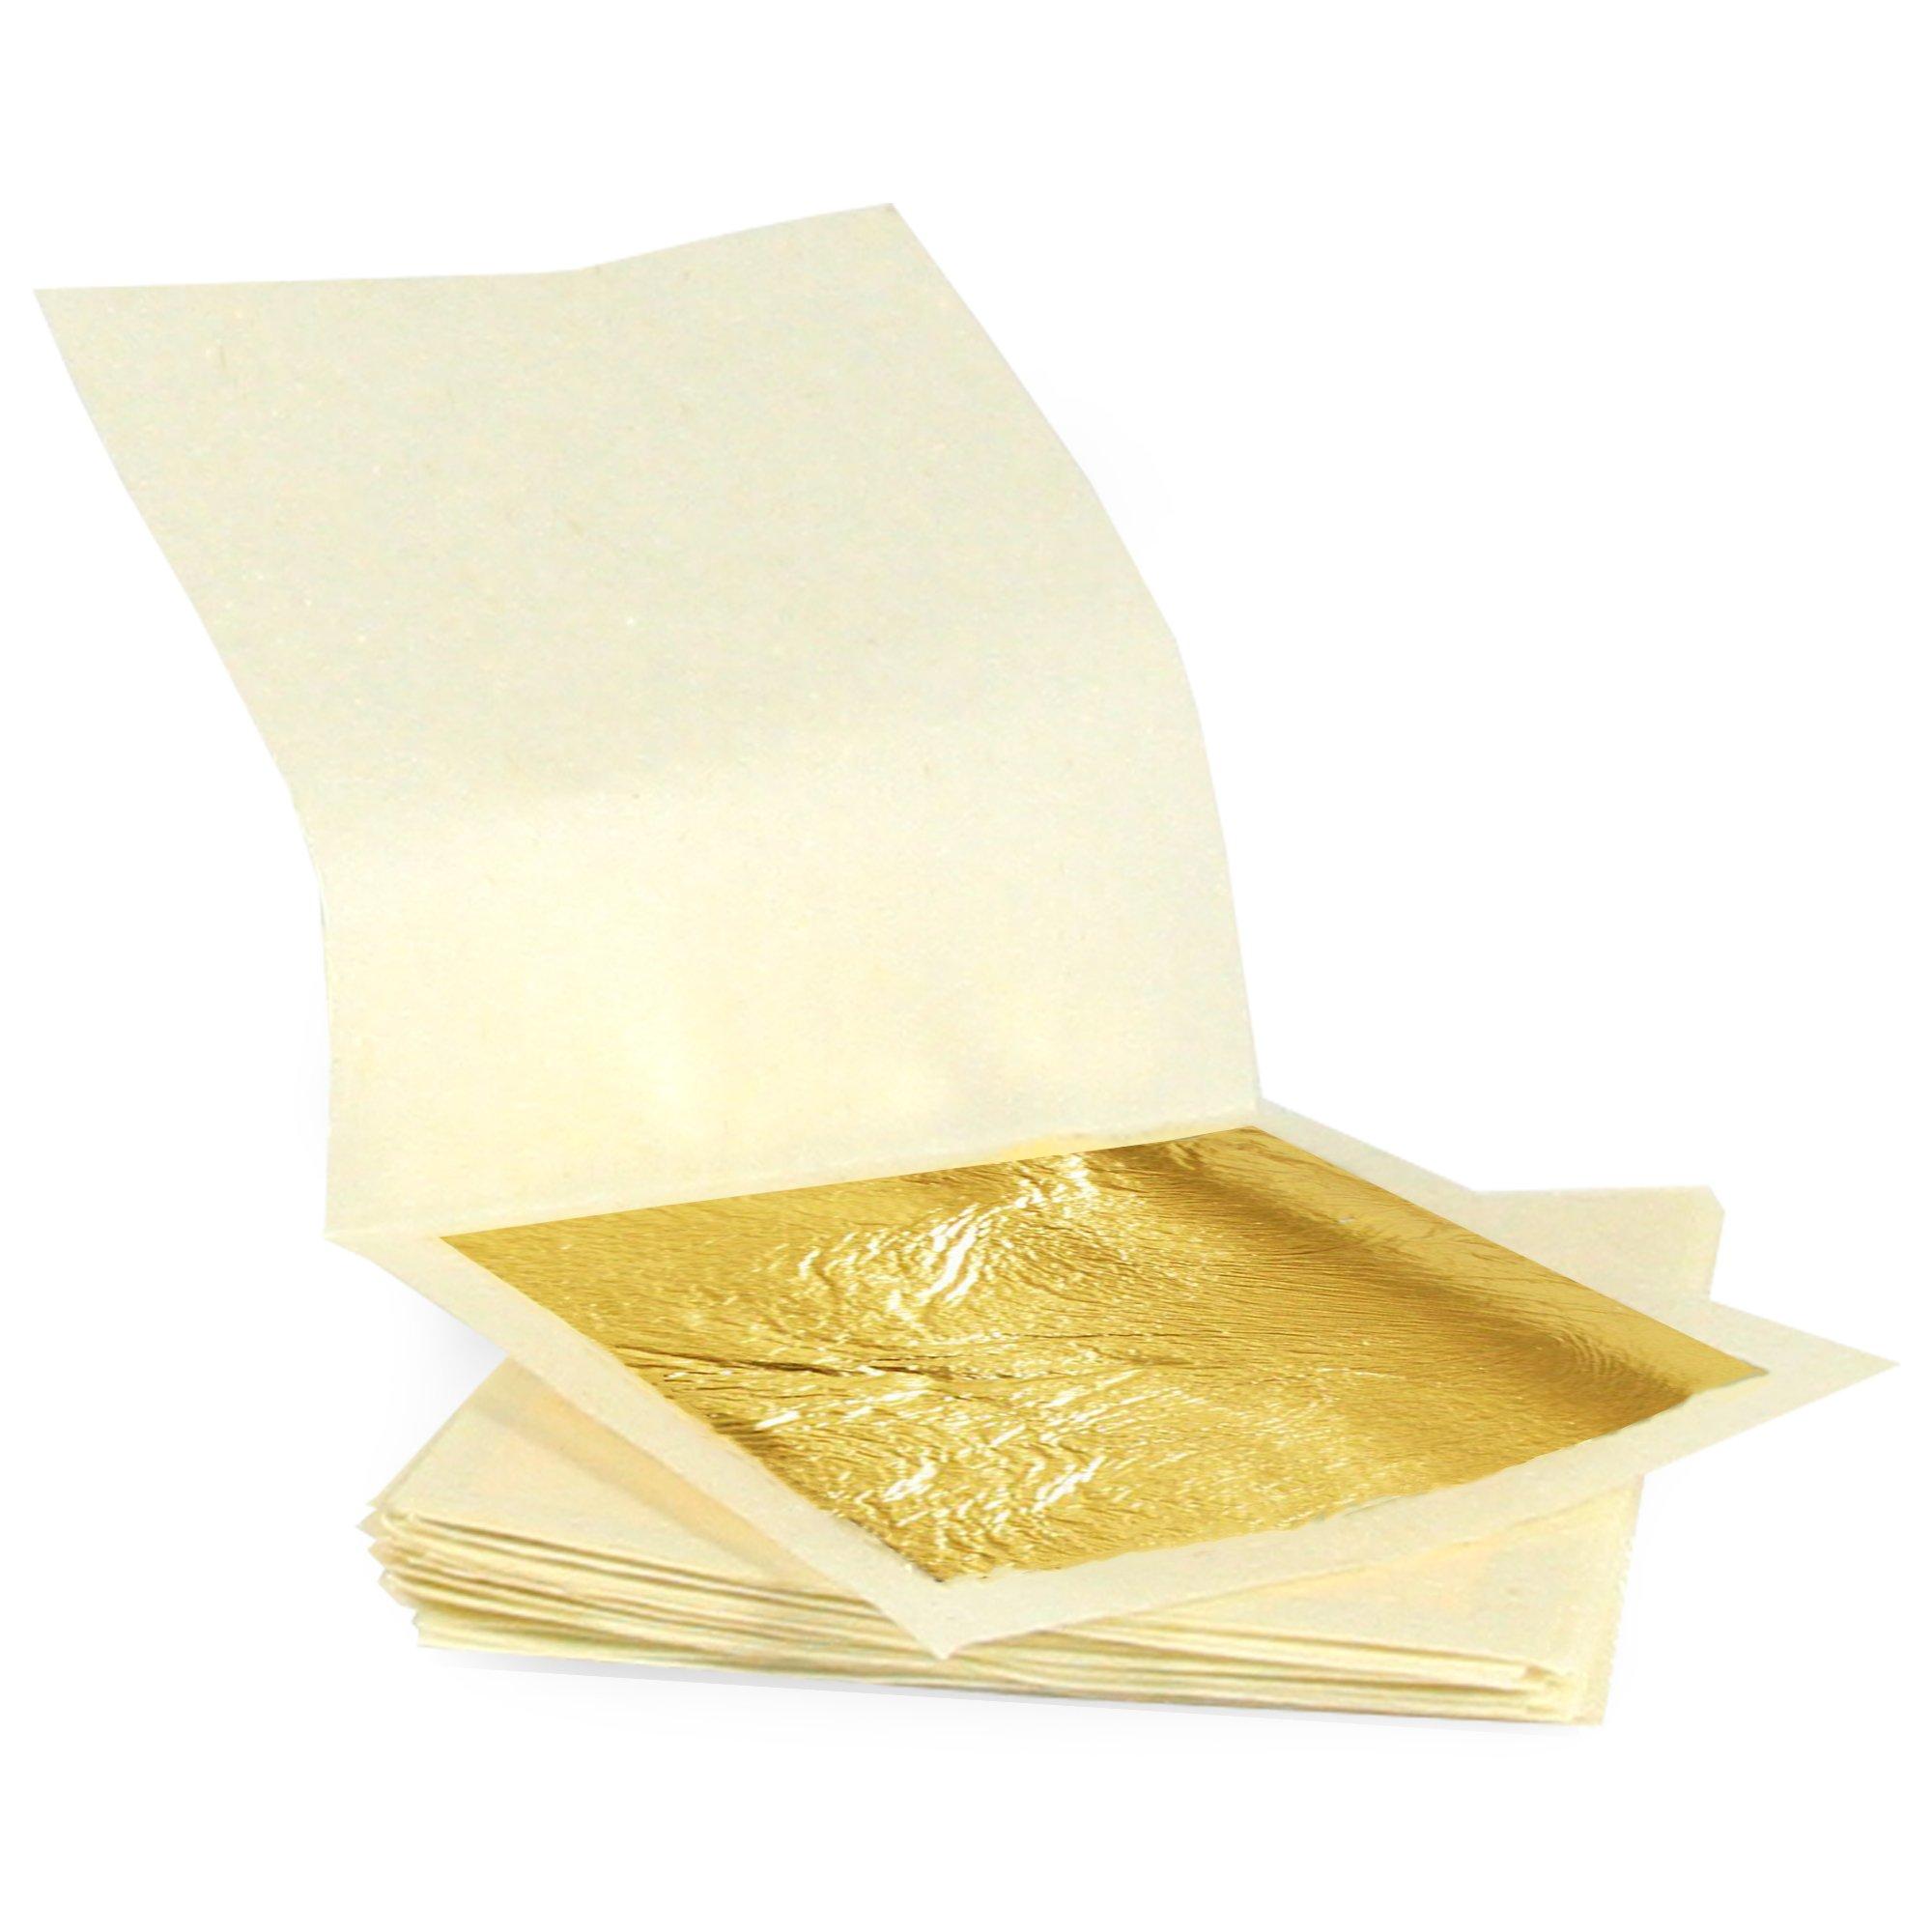 100 Gold Leaf Sheets Craft Foodkoncept New Gold Leaf Sheets 999//1000 Real Gold